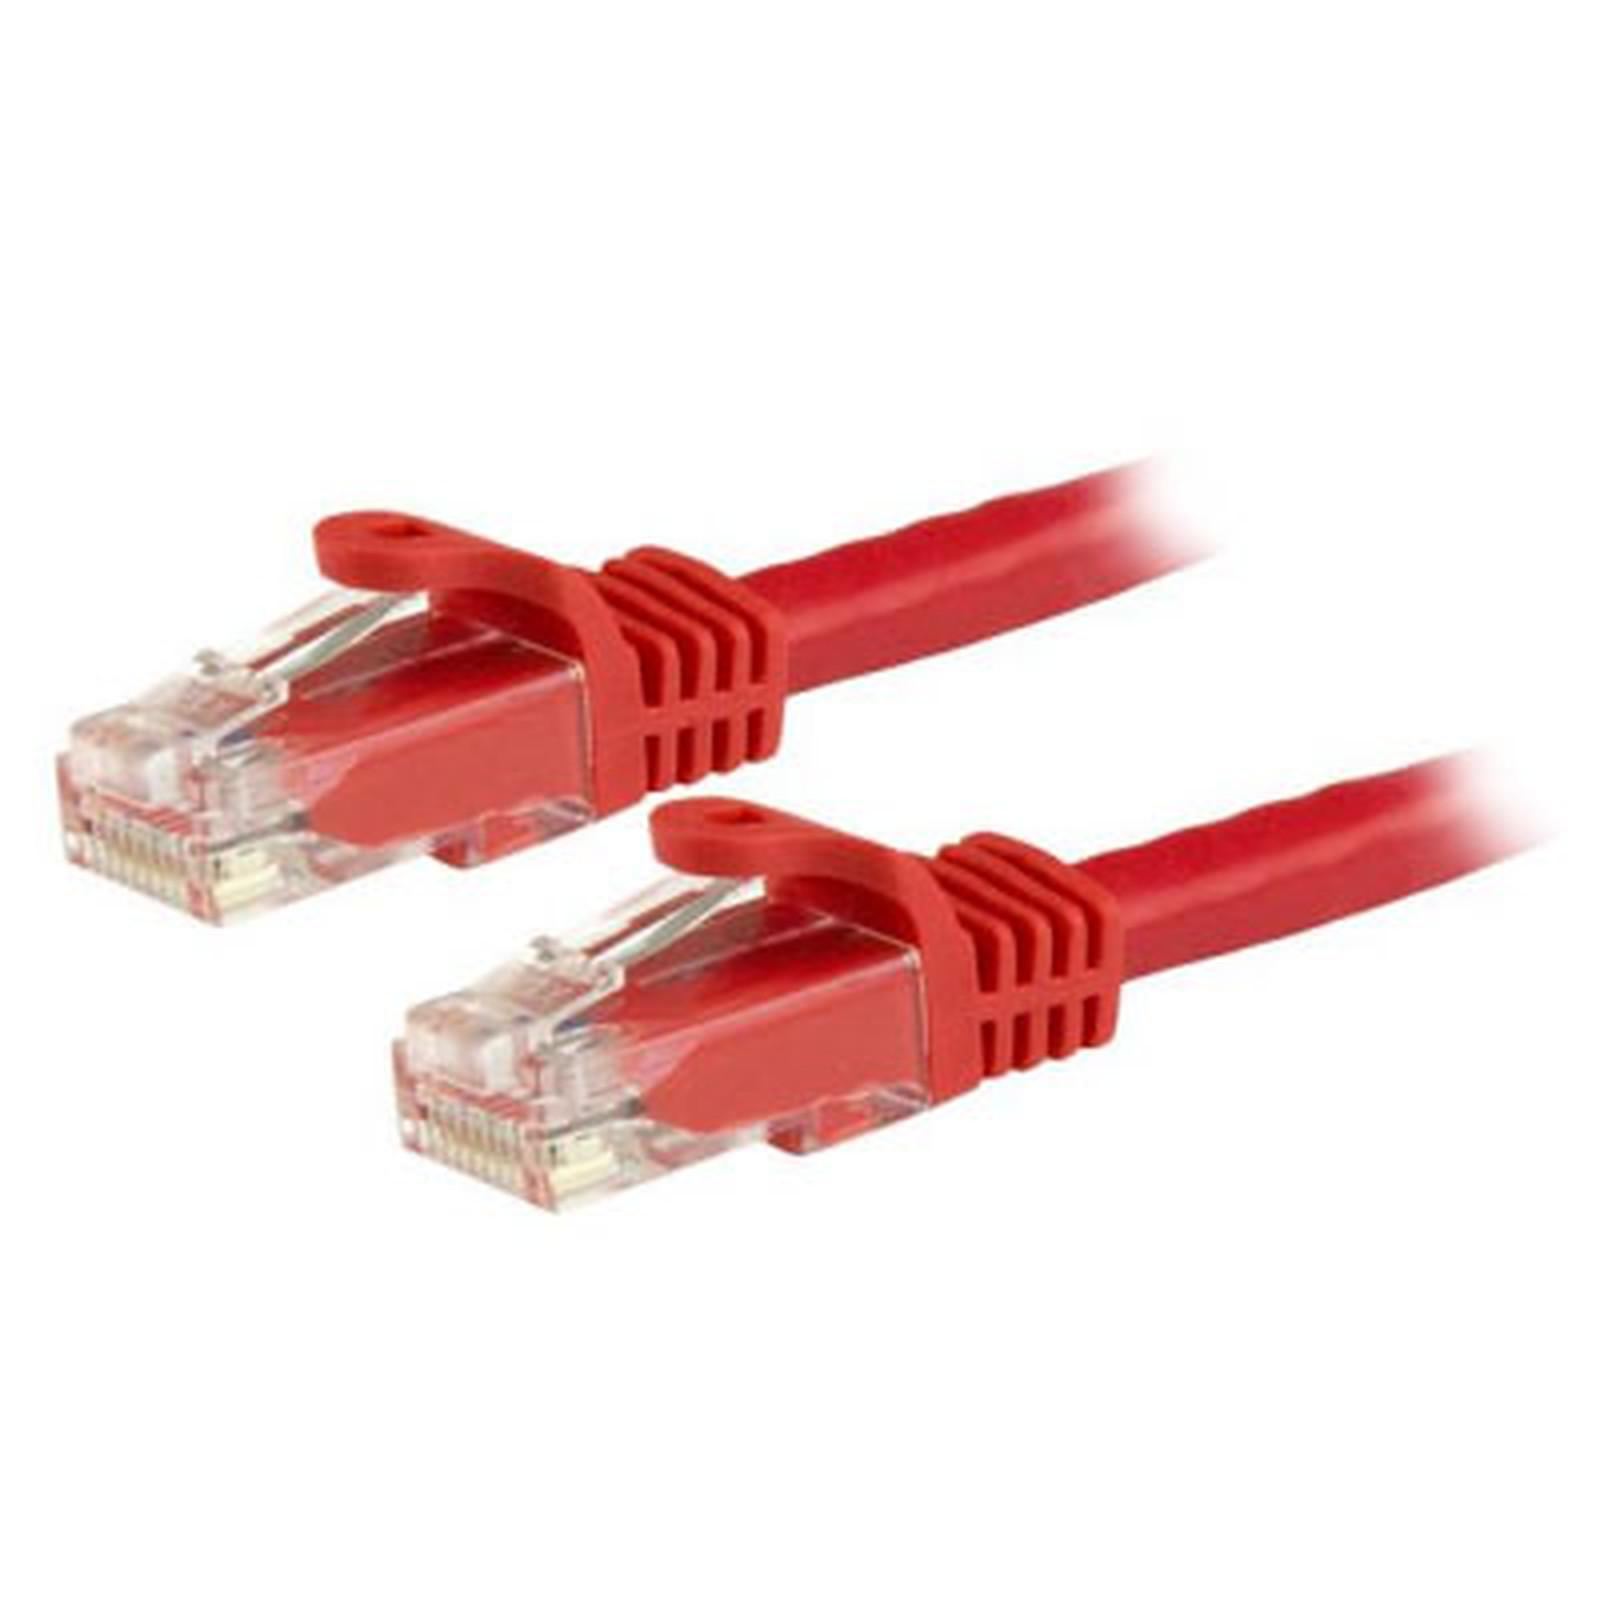 StarTech.com N6PATC5MRD